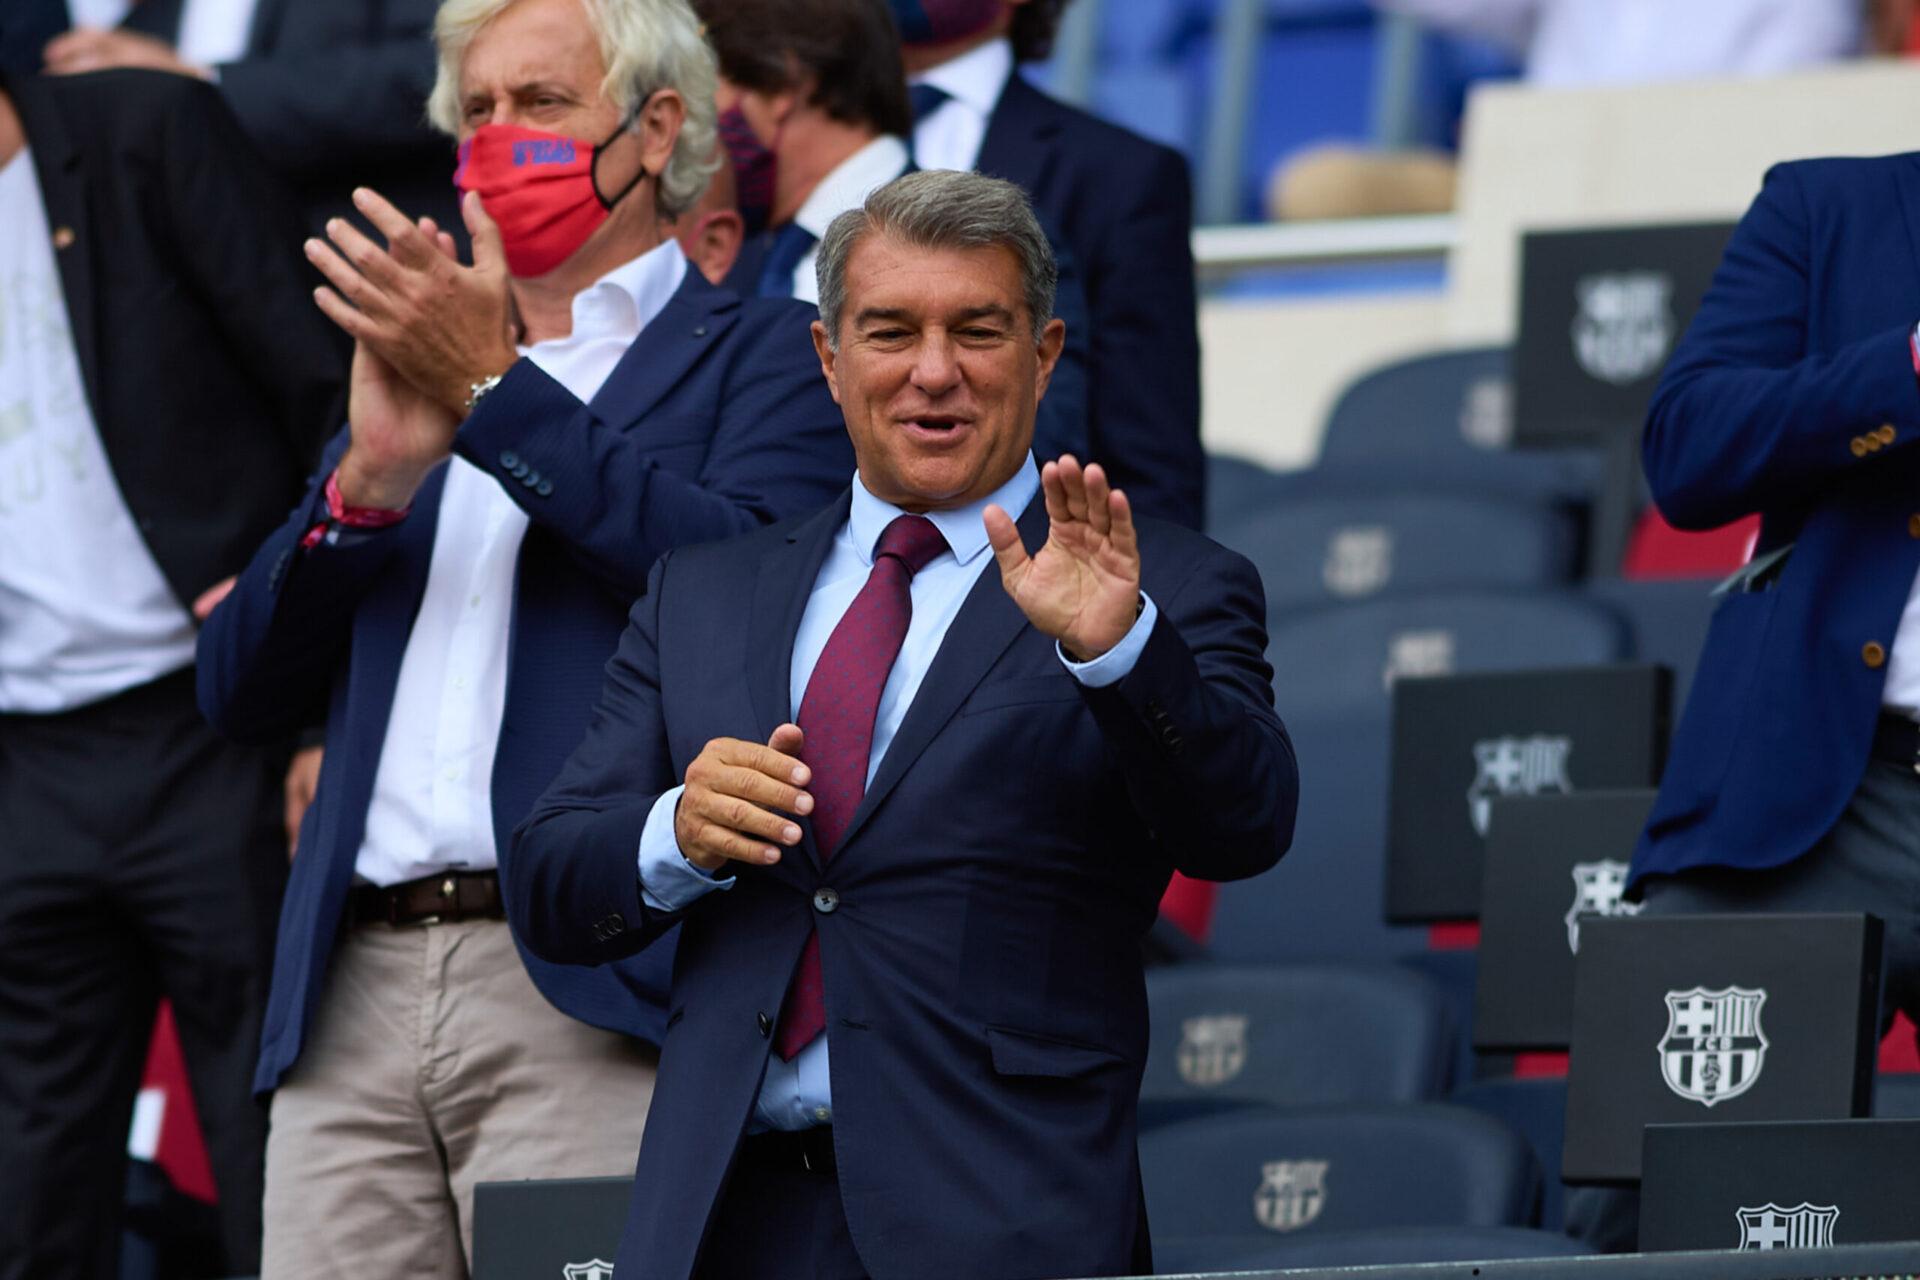 Joan Laporta a tenu a rassuré les supporters du Barça après un été agité. Icon Sport